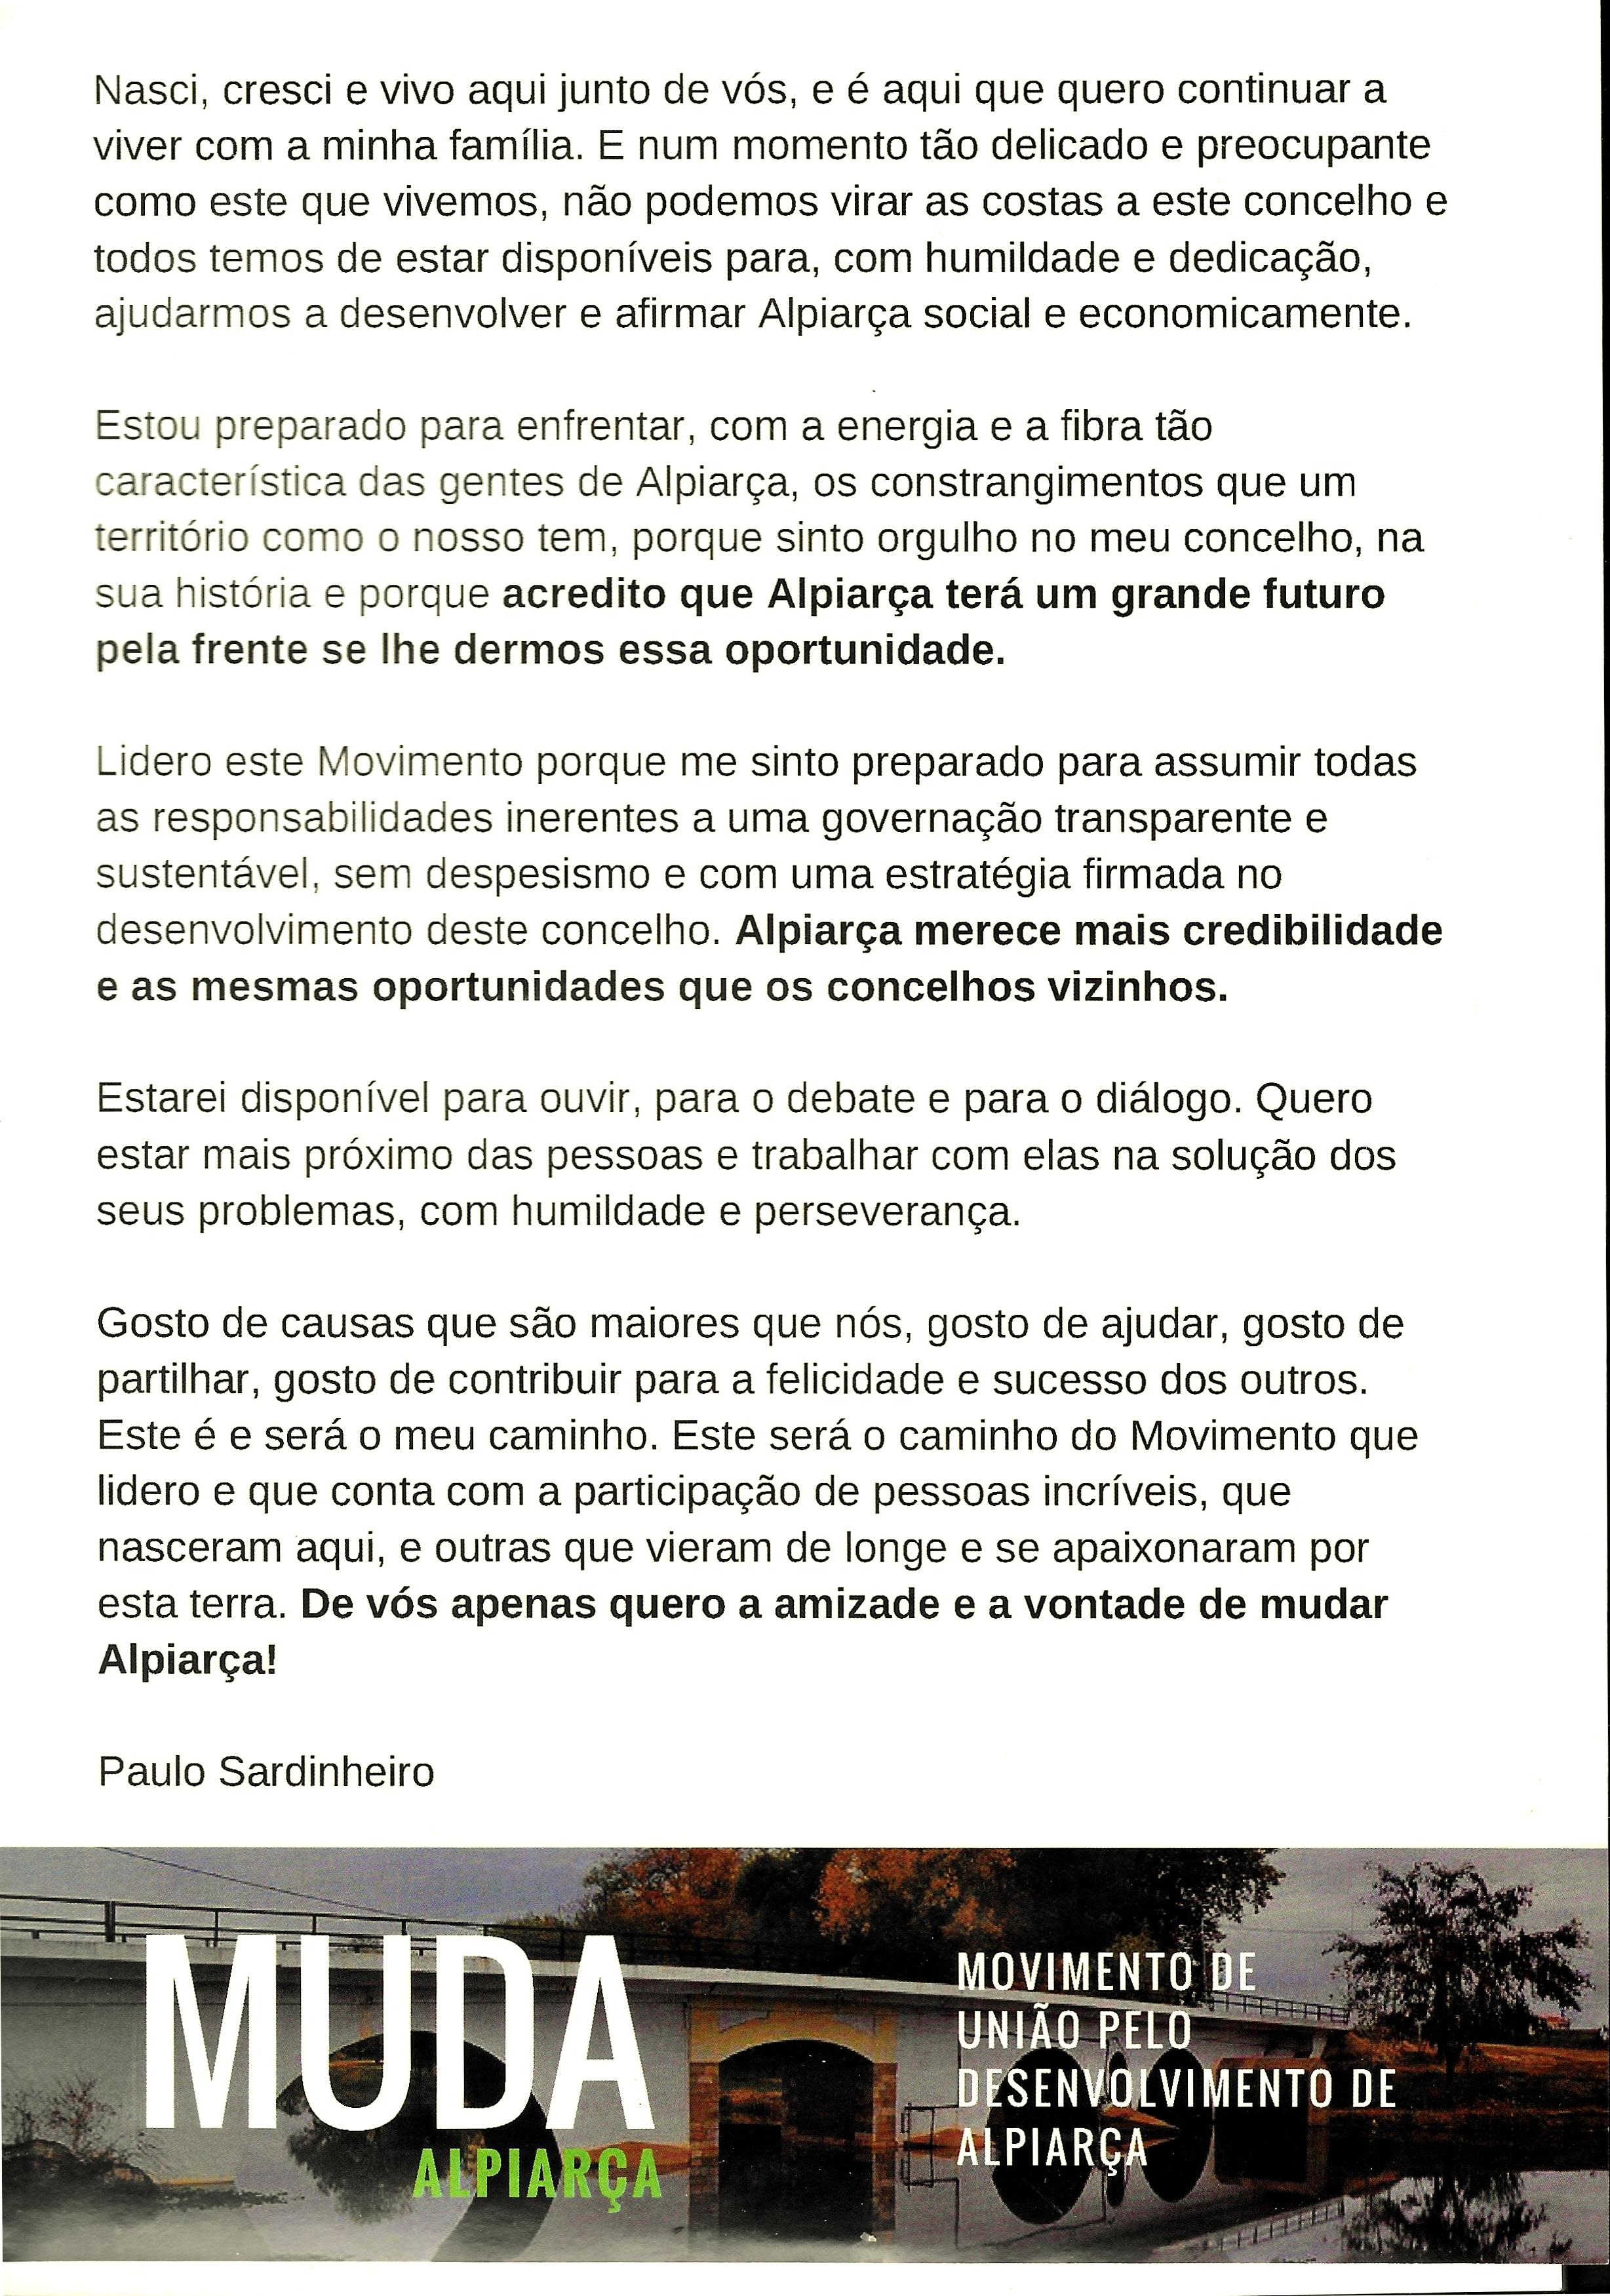 MUDA ALPIARÇA 2017 VS